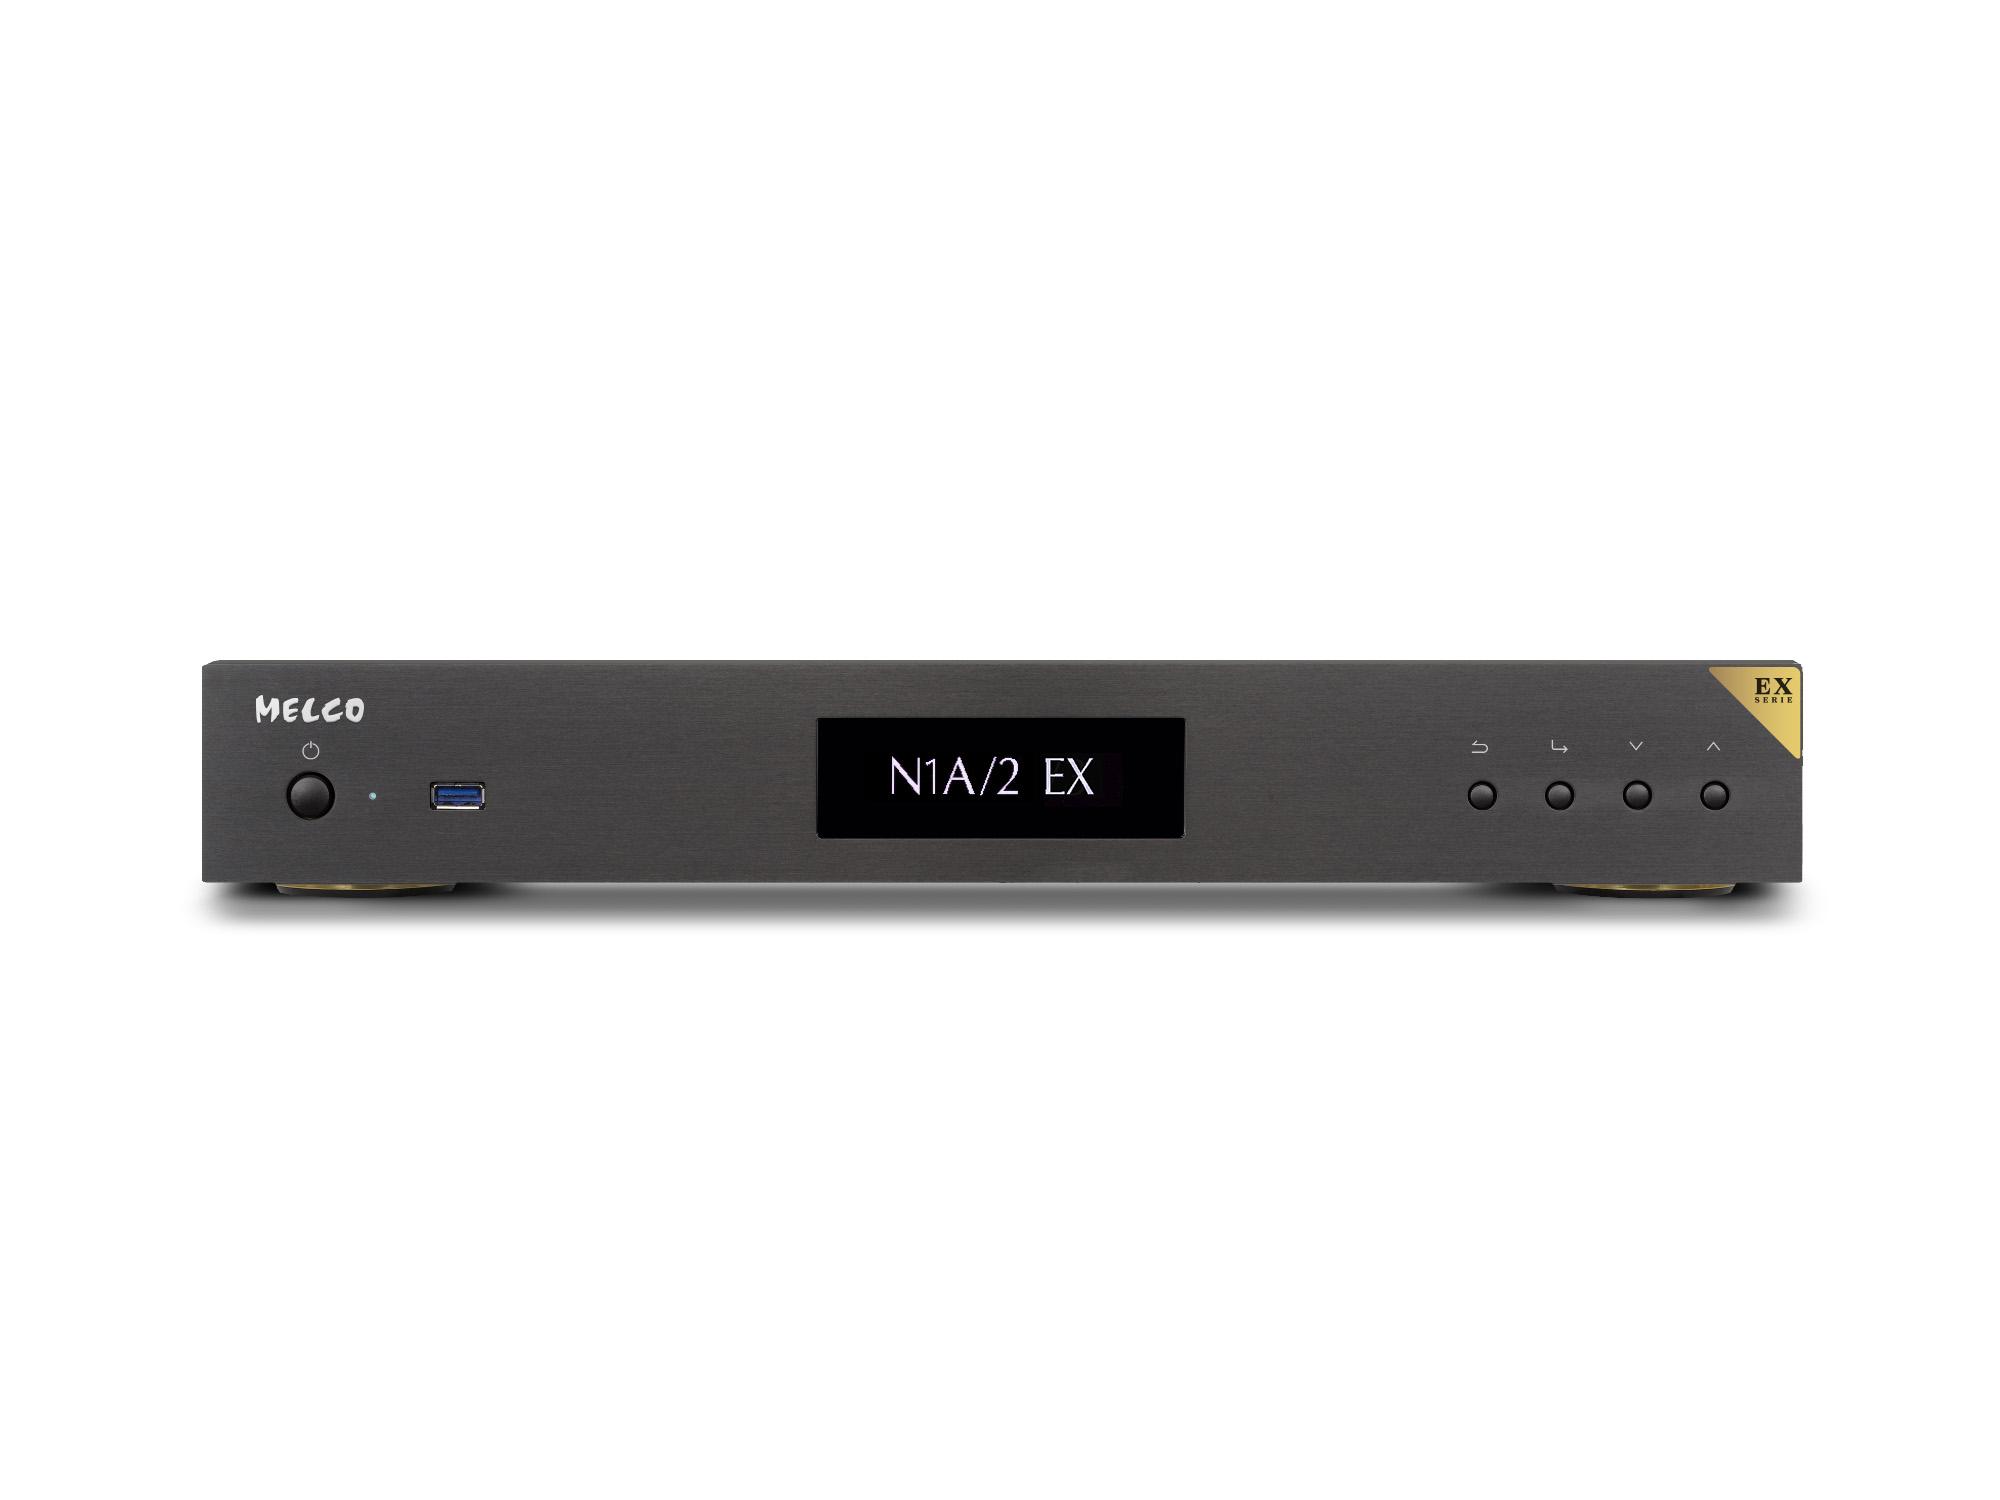 Melco N1A/2EX-H60